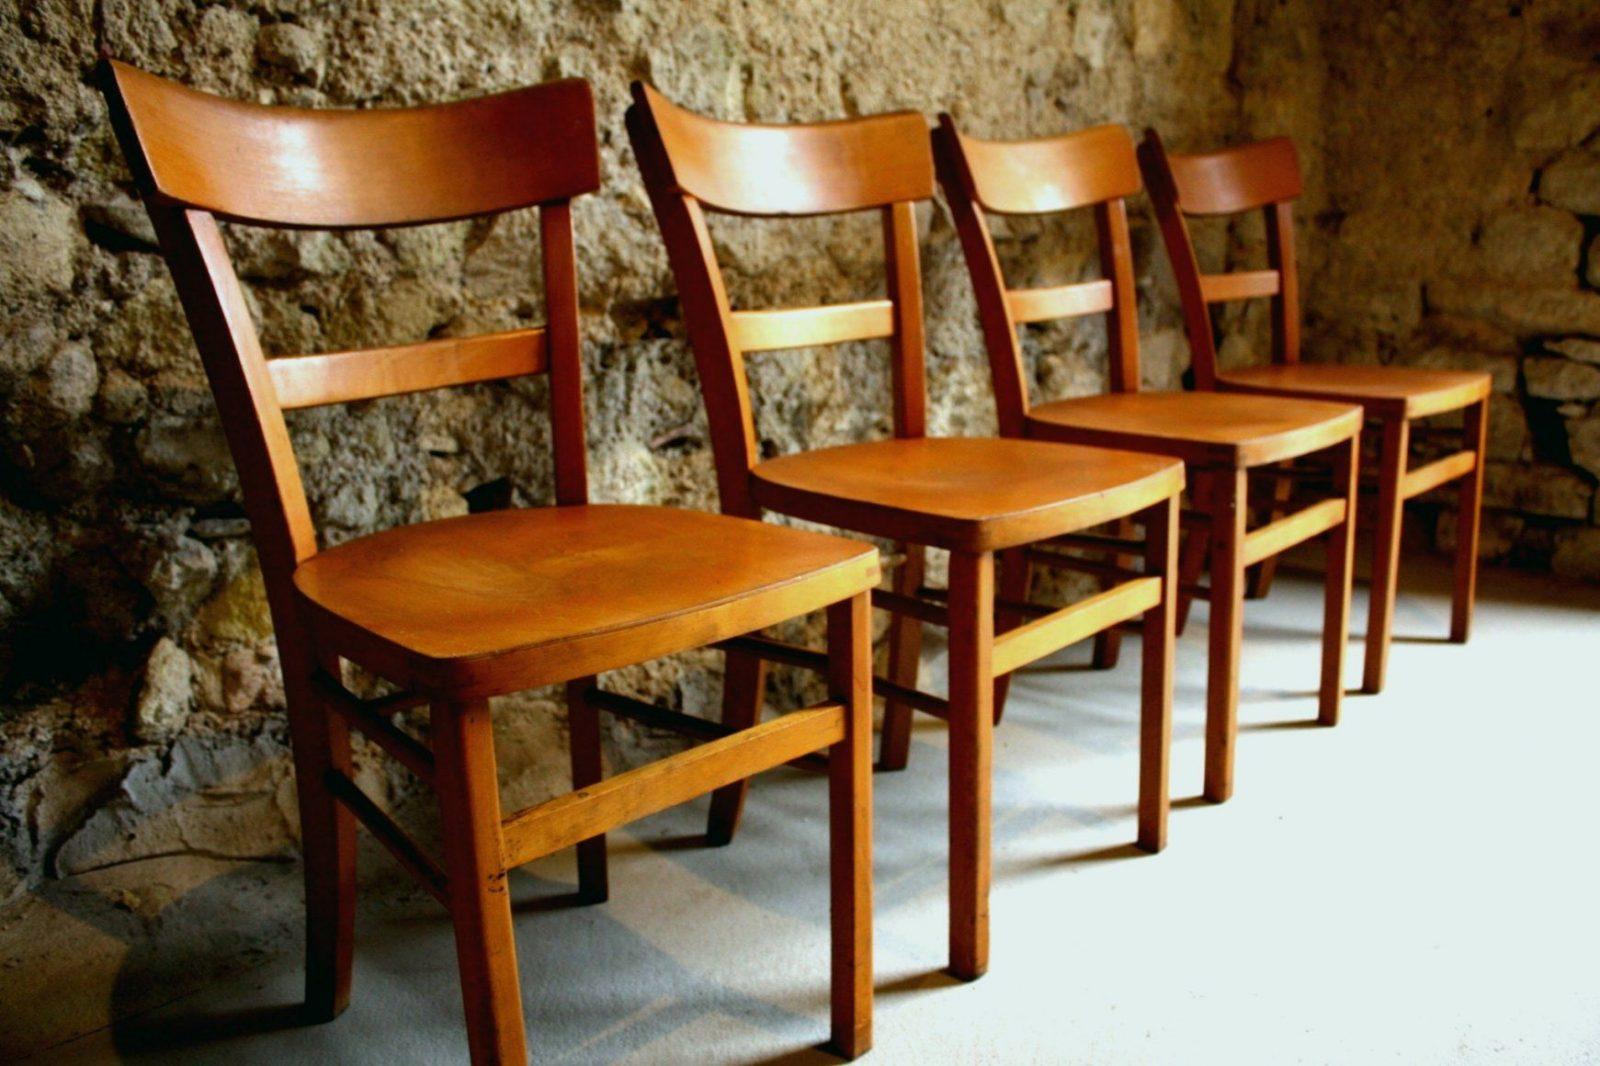 29 Gebrauchte Gastronomie Tische Und Stühle  Stuhl Ideen Für Haus von Stühle Und Tische Für Gastronomie Gebraucht Bild